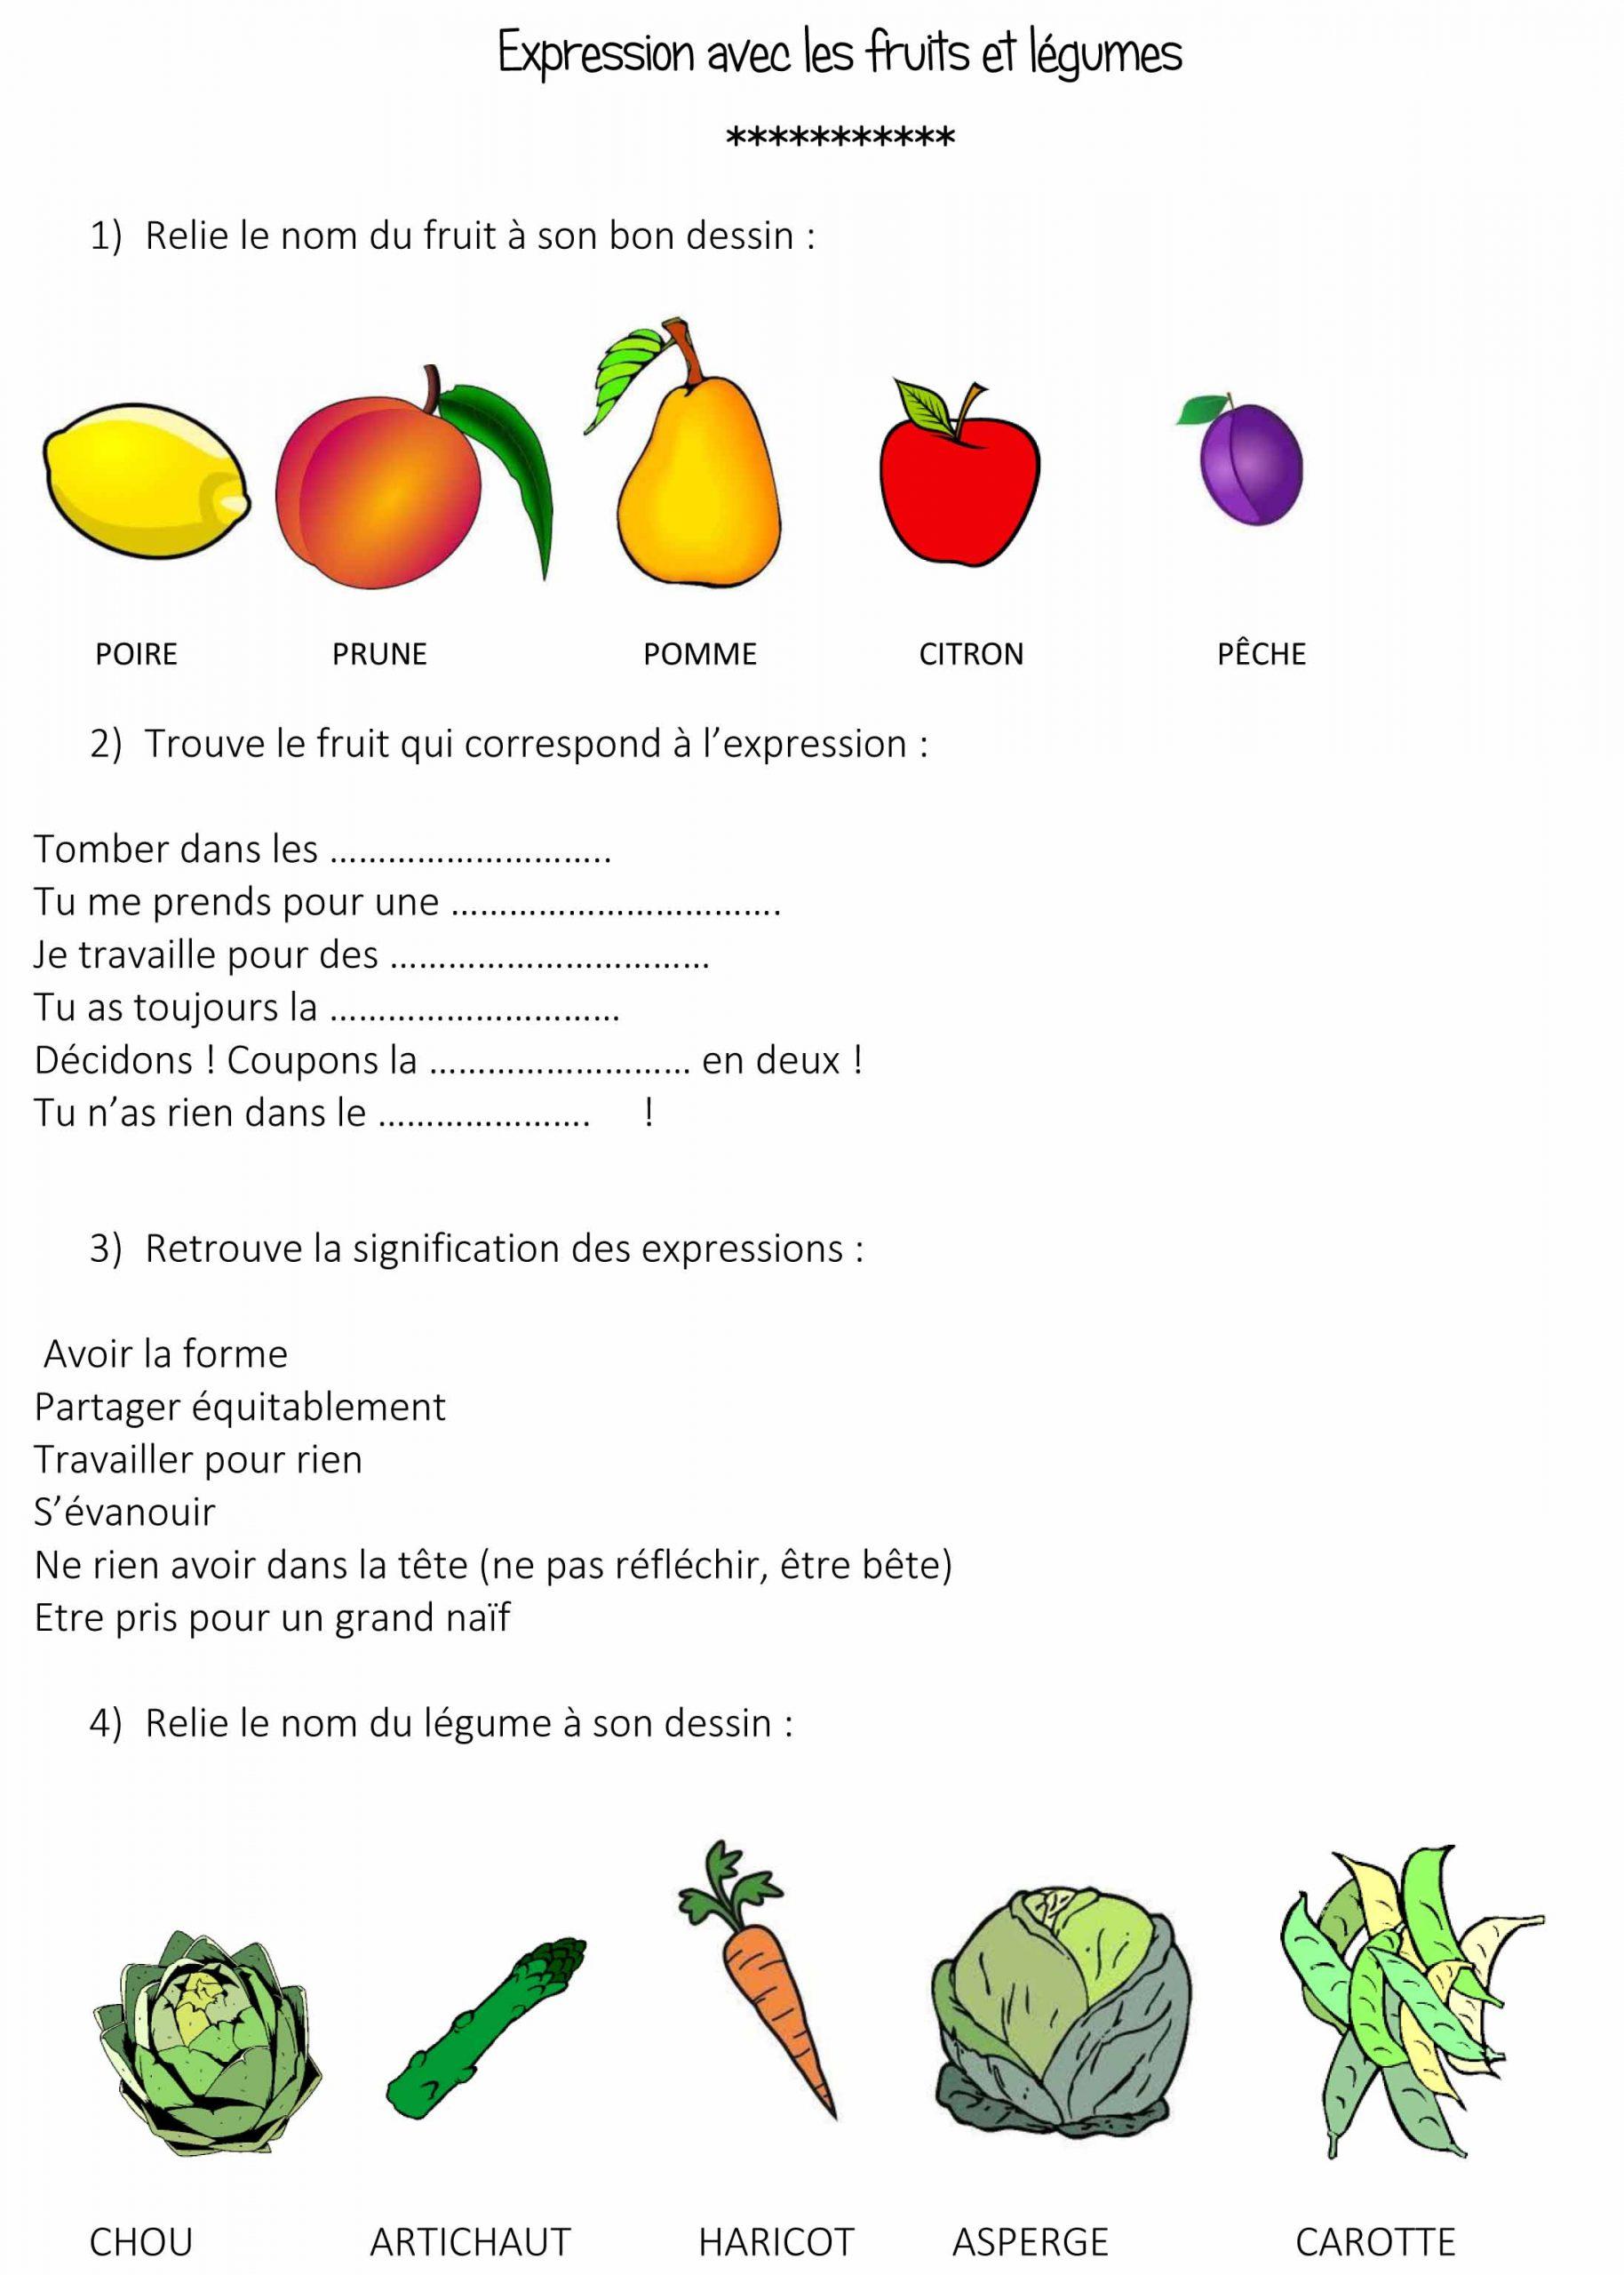 Expressions Utilisant Les Fruits Et Légumes tout Nom De Legume